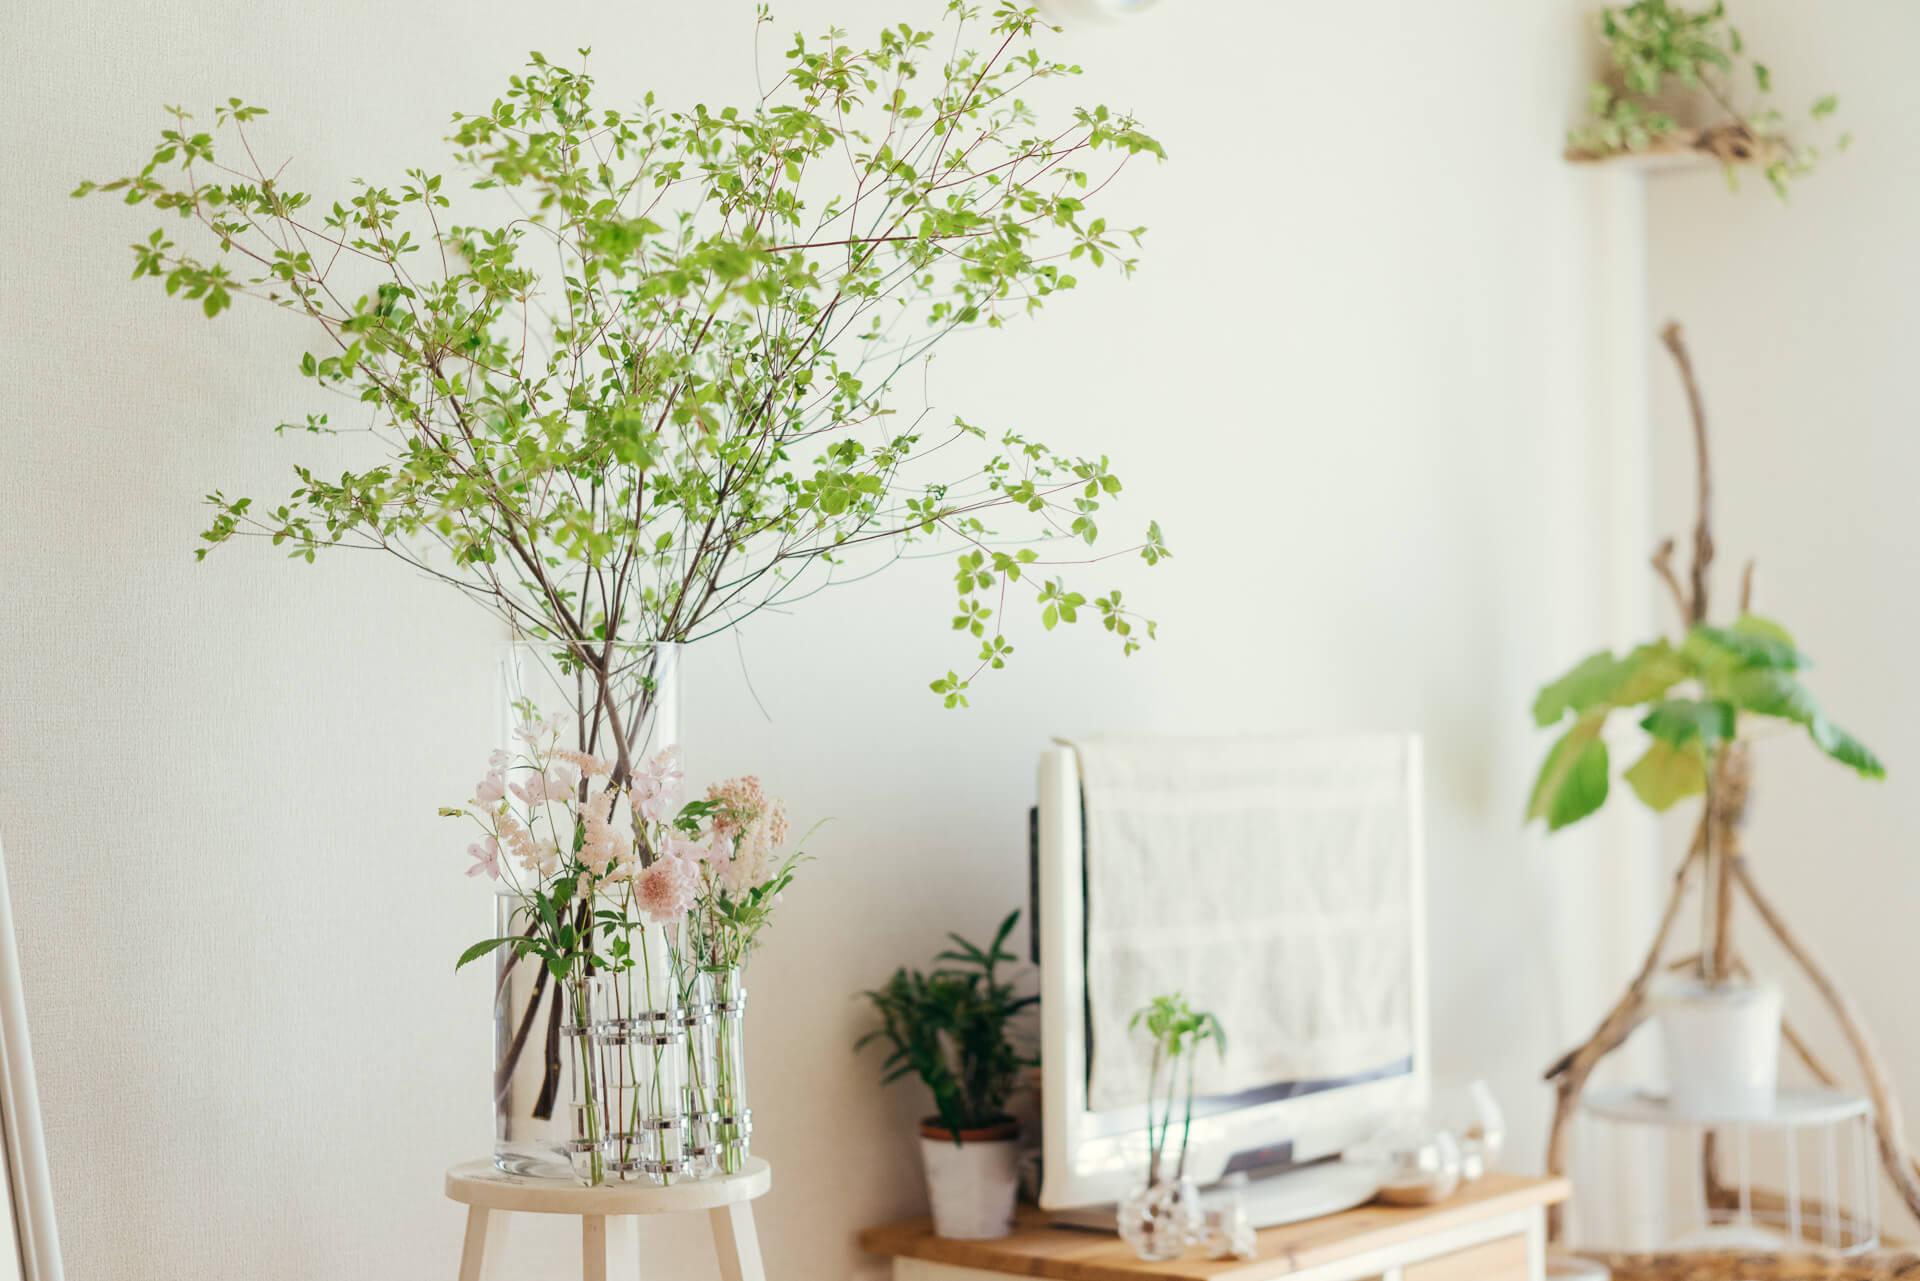 お部屋の中にも新緑を。枝物と緑のスワッグを飾って、涼し気な気分になりませんか